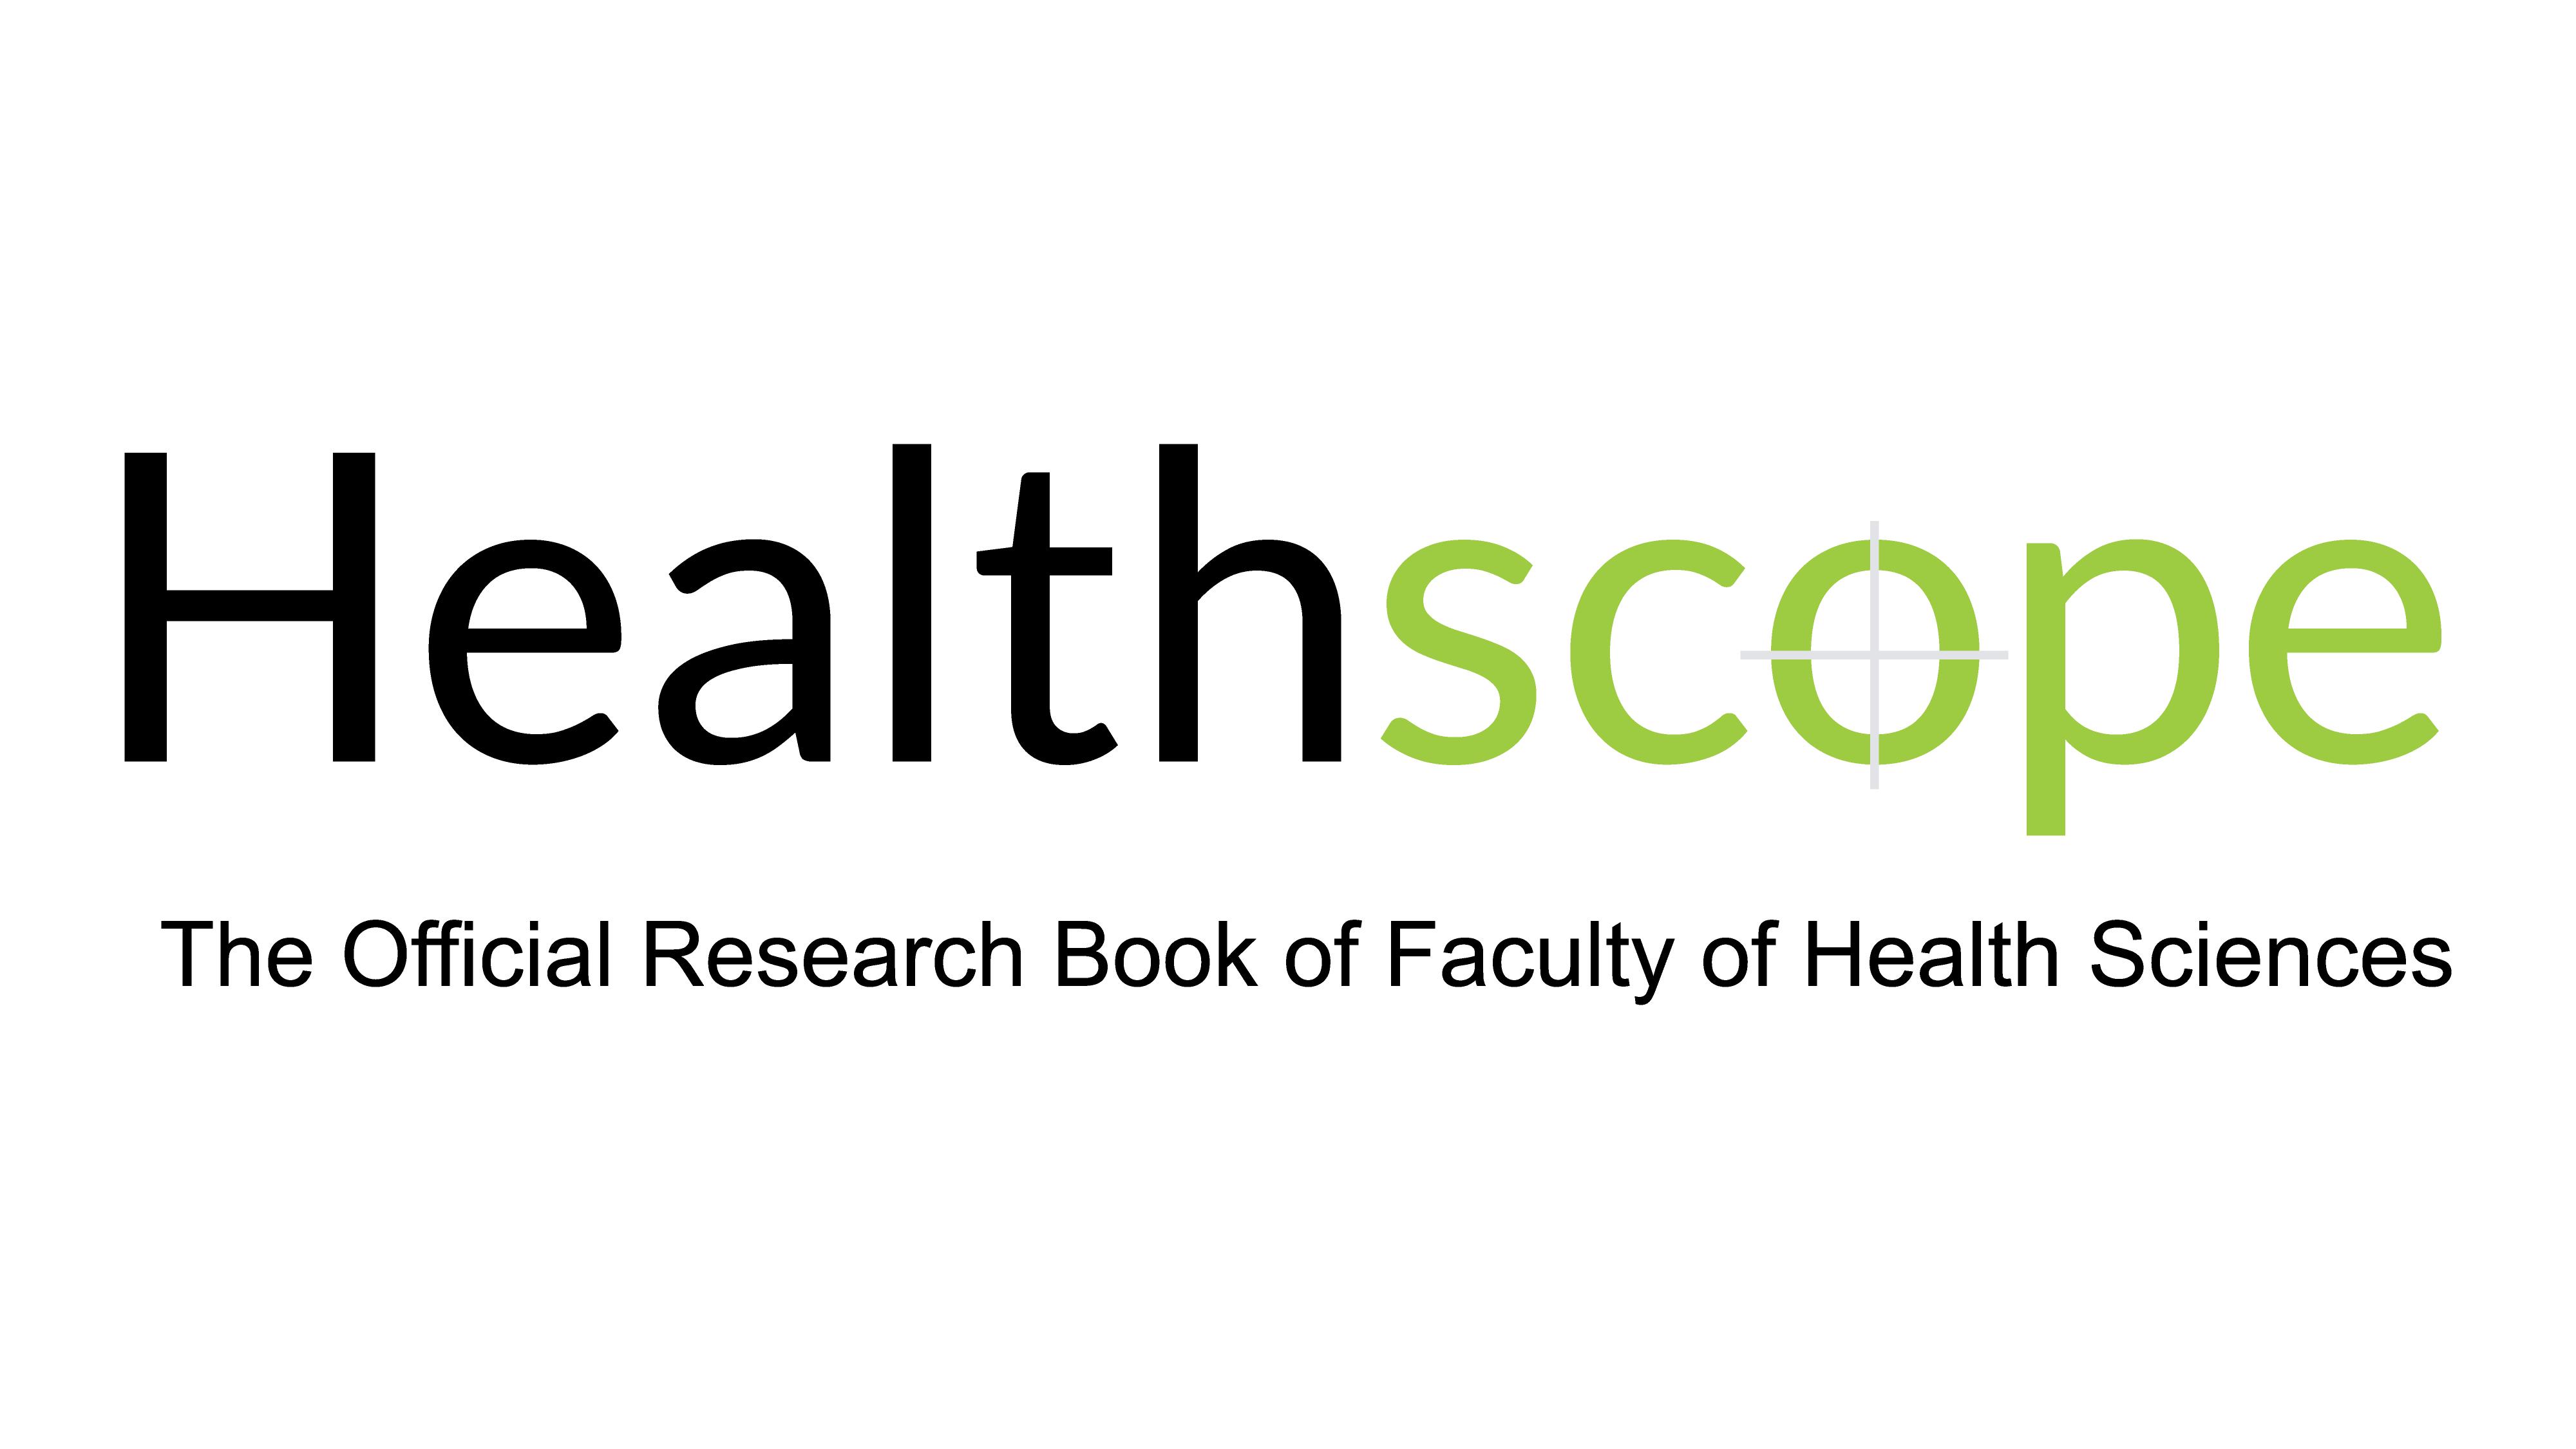 Healthscope UiTM